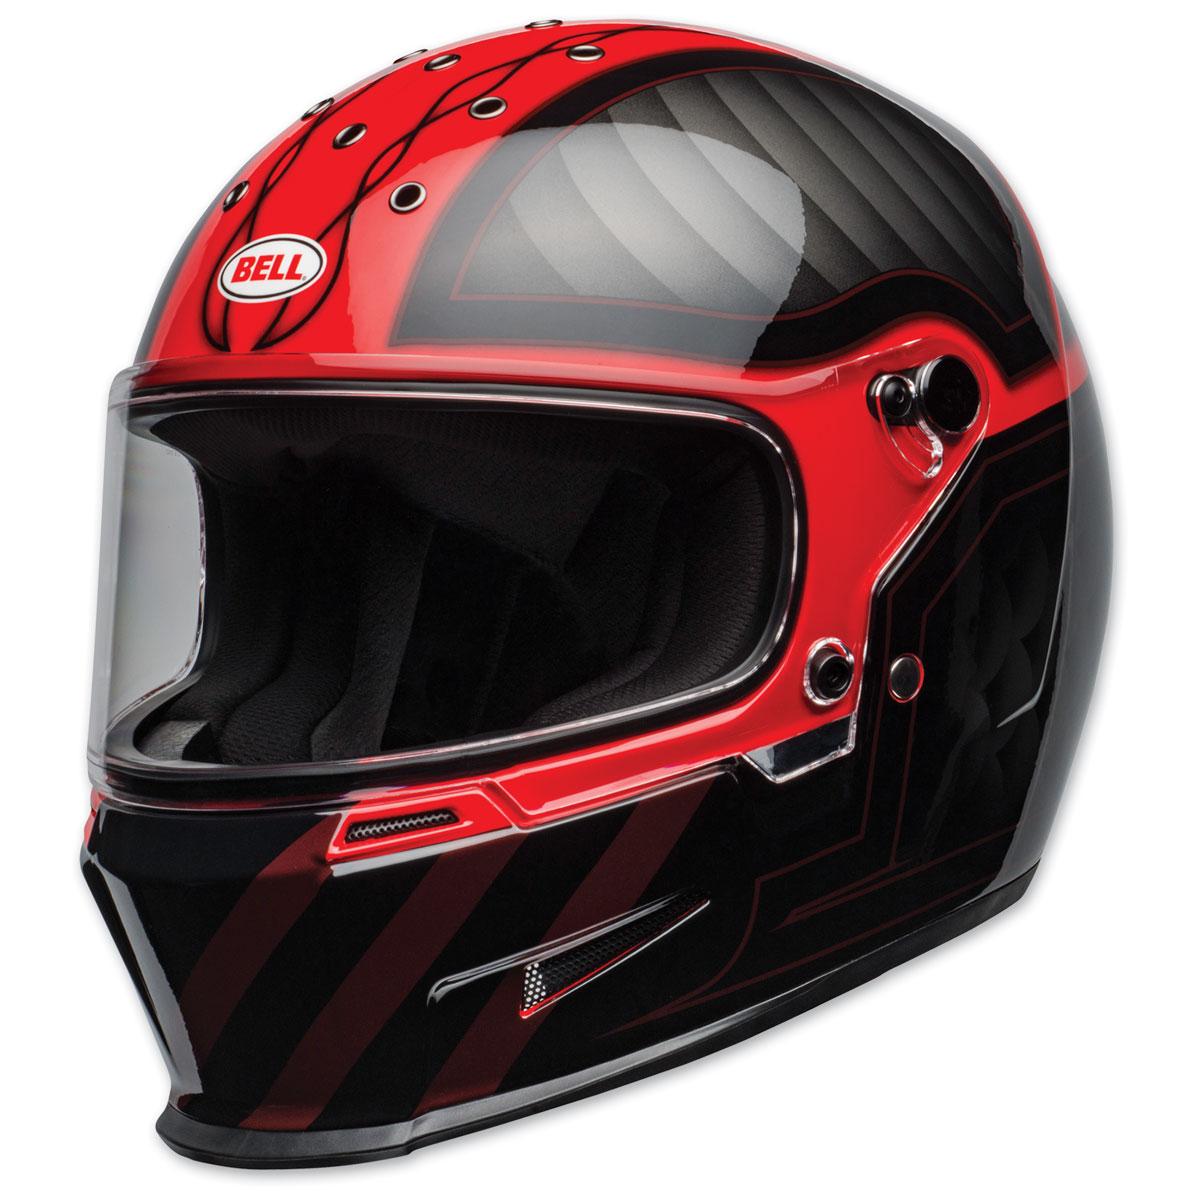 Bell Eliminator Outlaw Black/Red Full Face Helmet